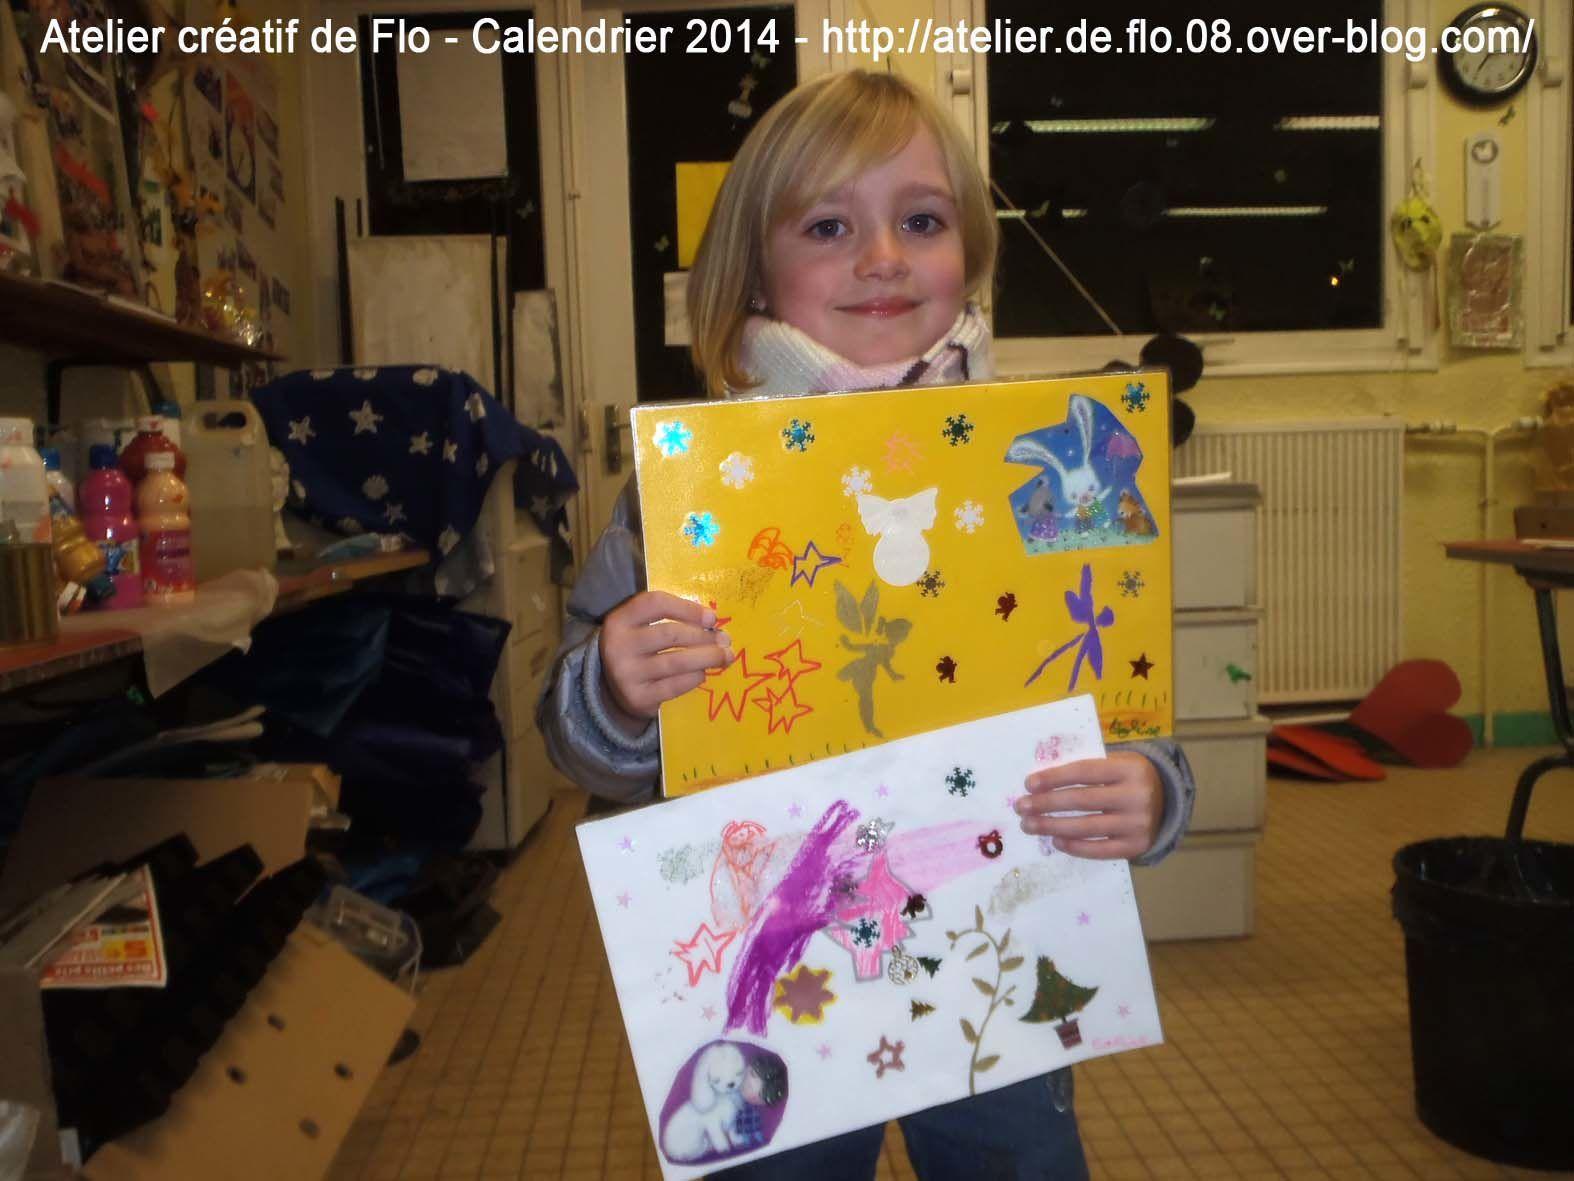 Les jeunes artistes et leurs calendriers